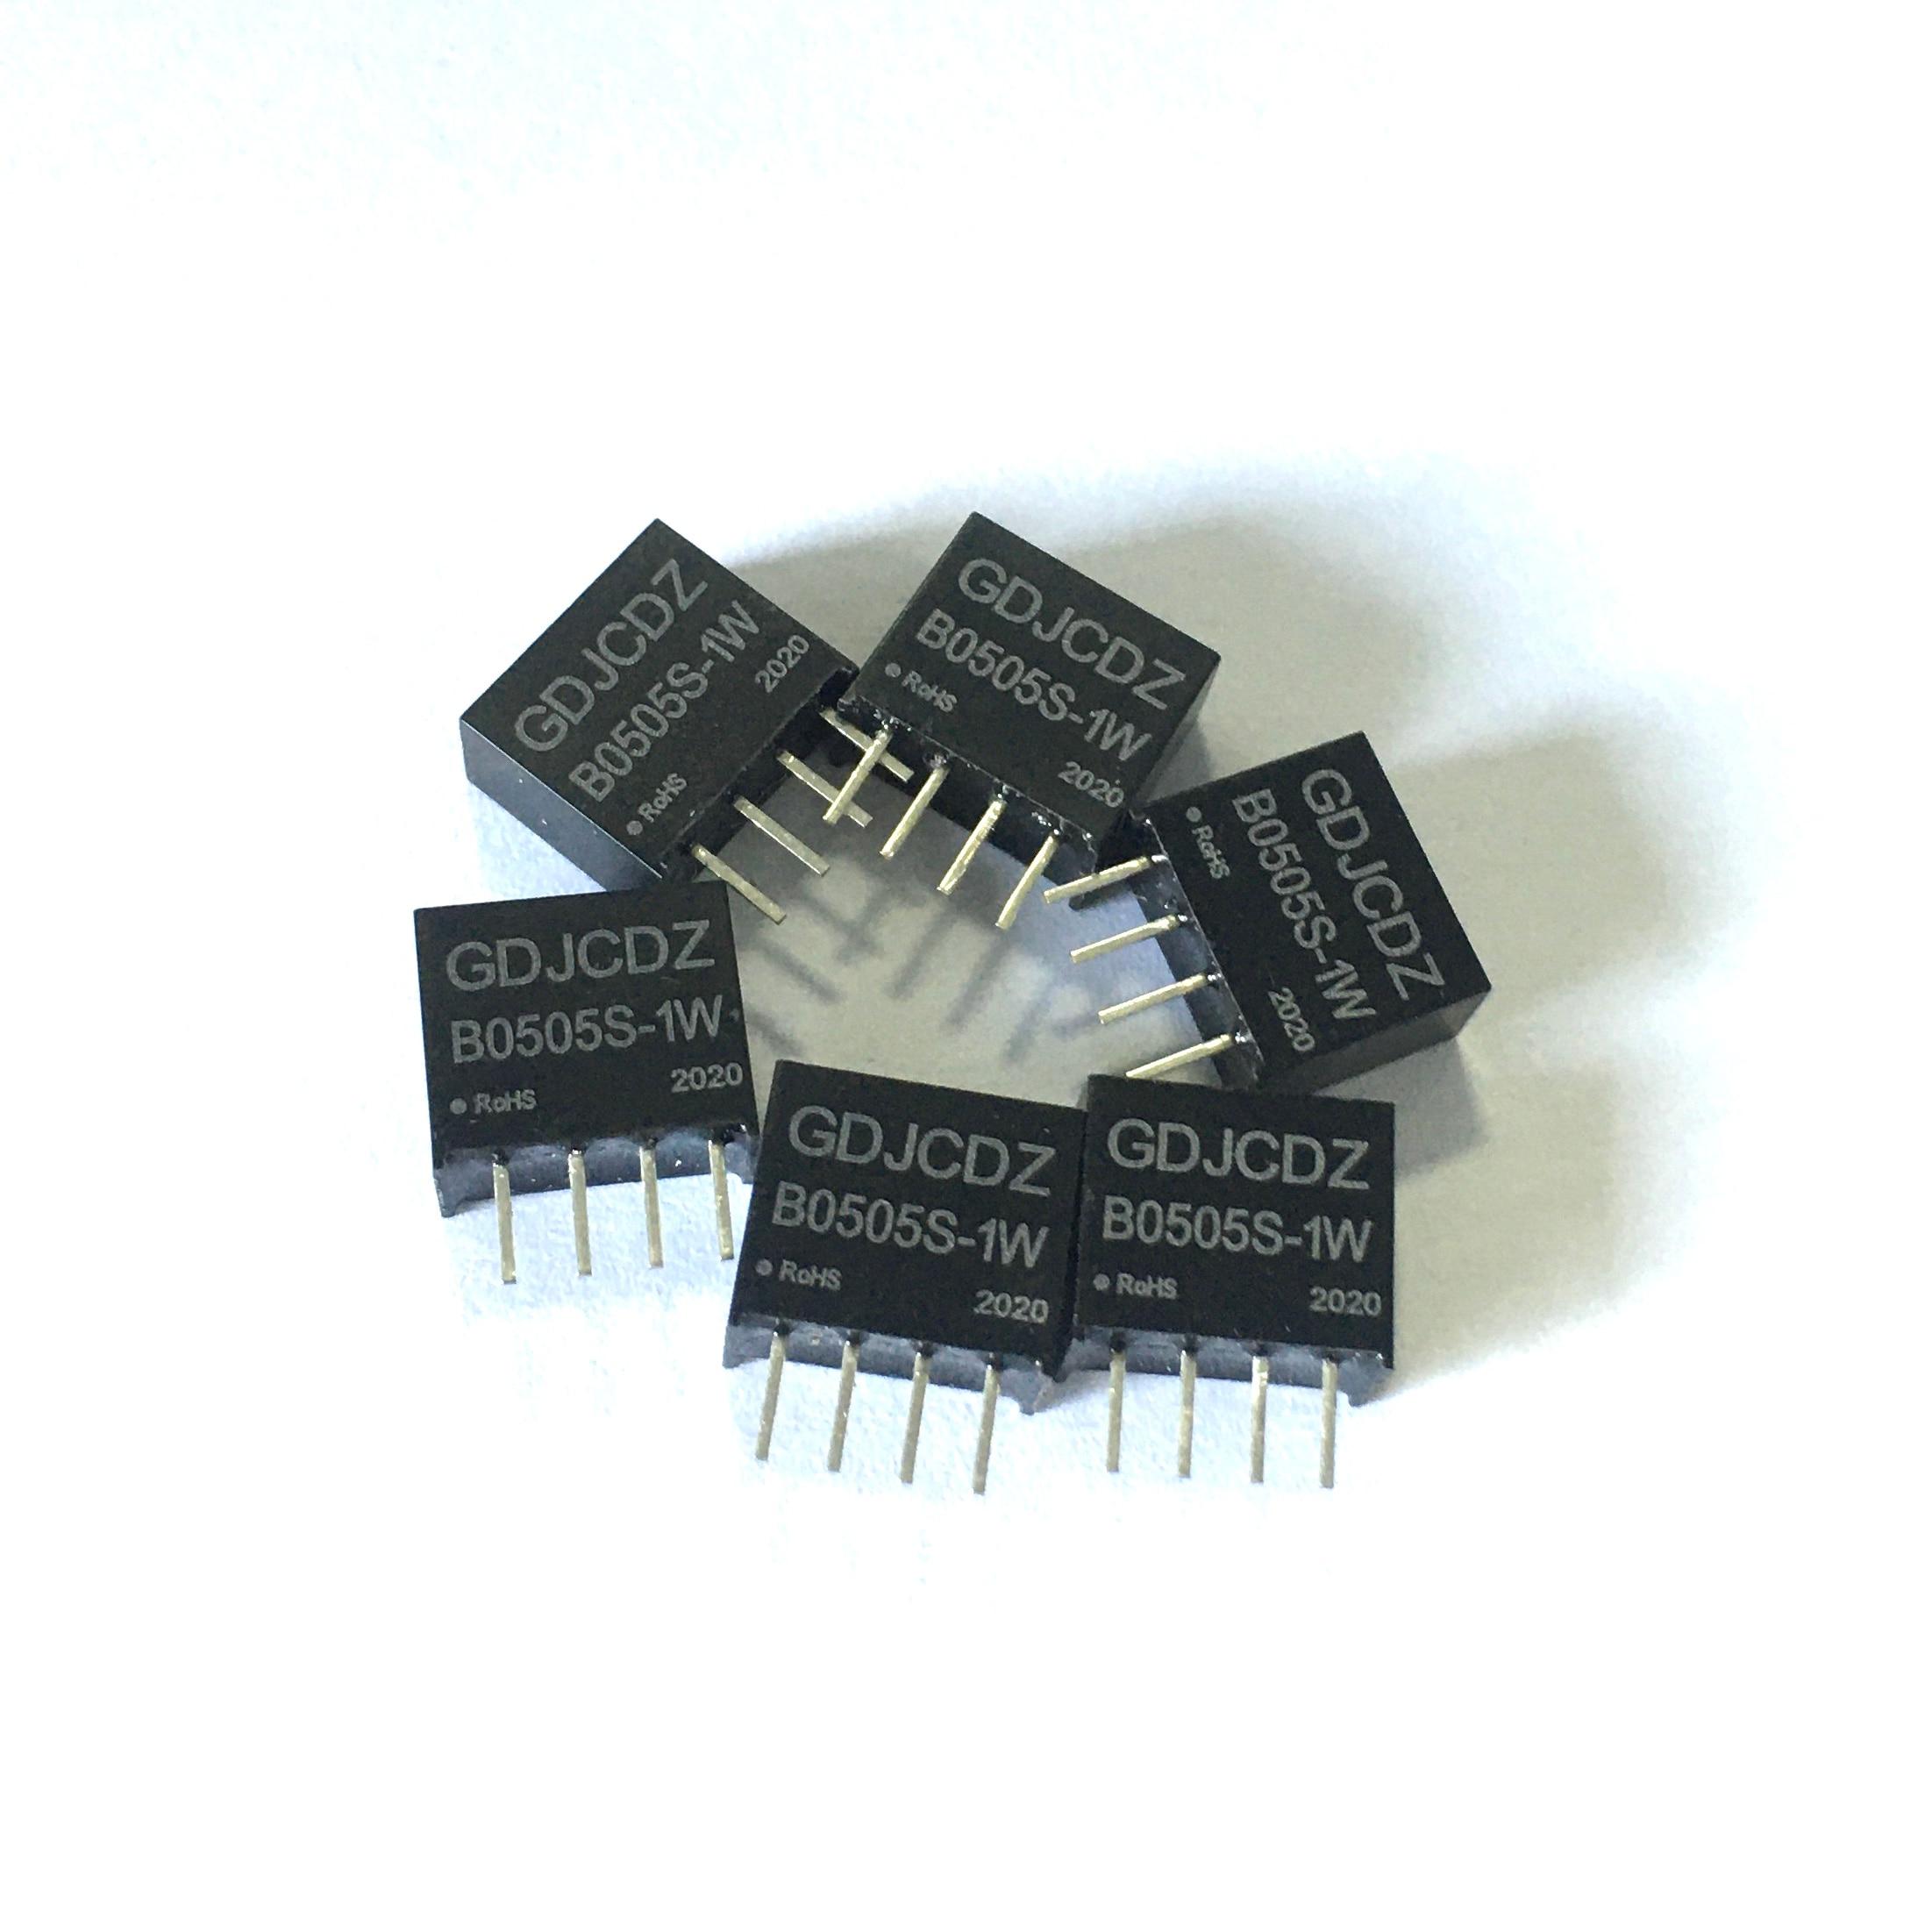 A7 -- B0505S-1W DC-DC conversor isolado galvânico 5 v a 5 v módulo de alimentação 4 pinos módulo de alimentação